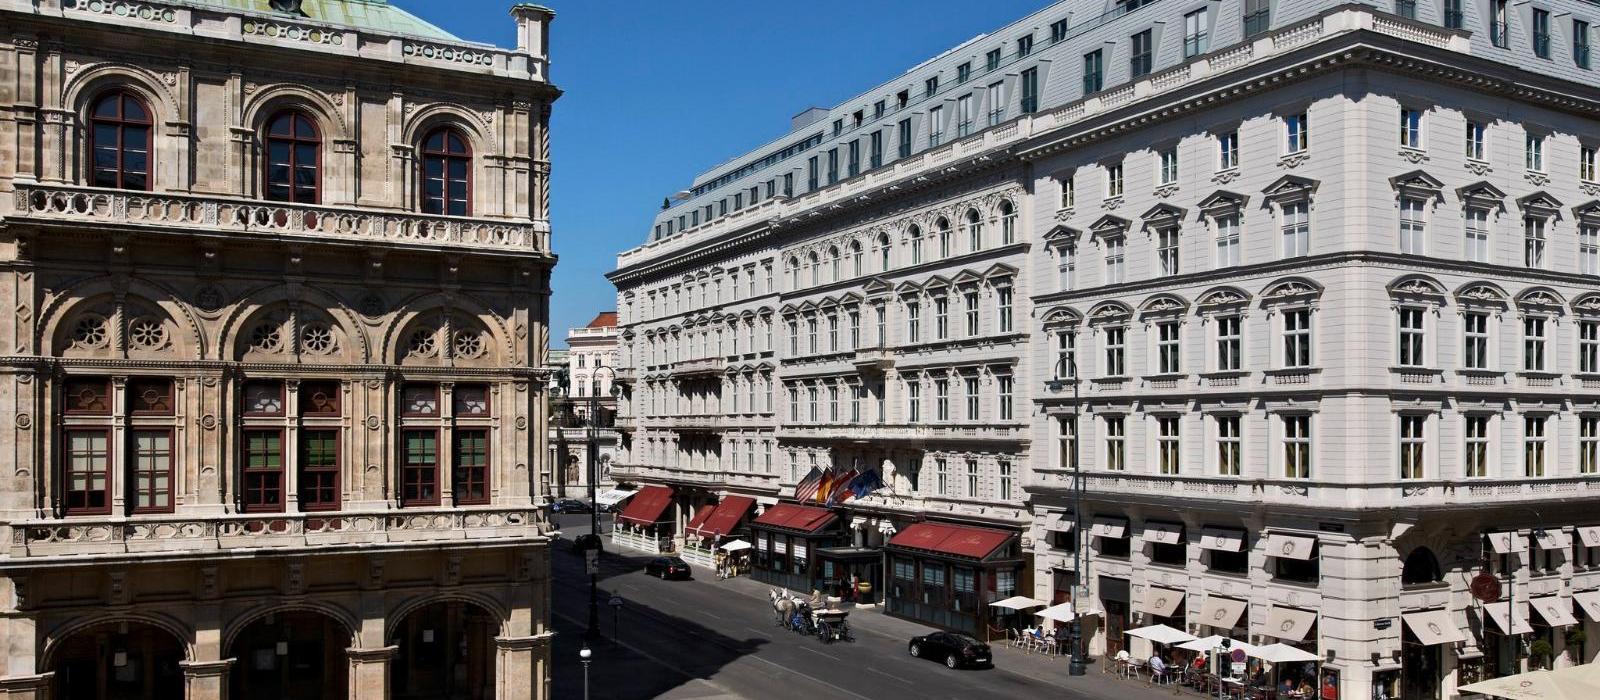 维也纳萨赫酒店(Hotel Sacher Wien) 日景外观图片  www.lhw.cn